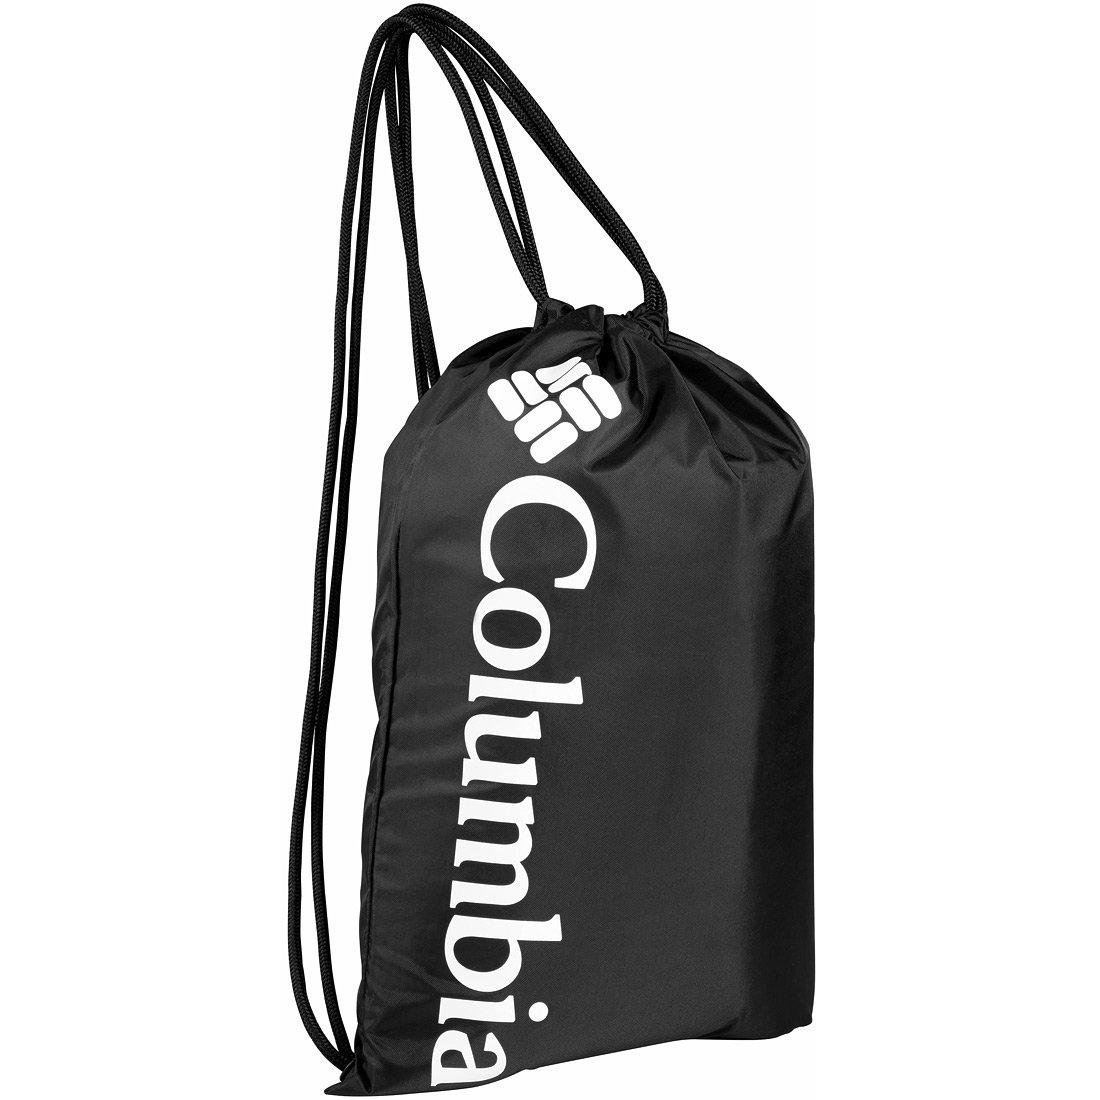 תיק יום - Drawstring Bag - Columbia